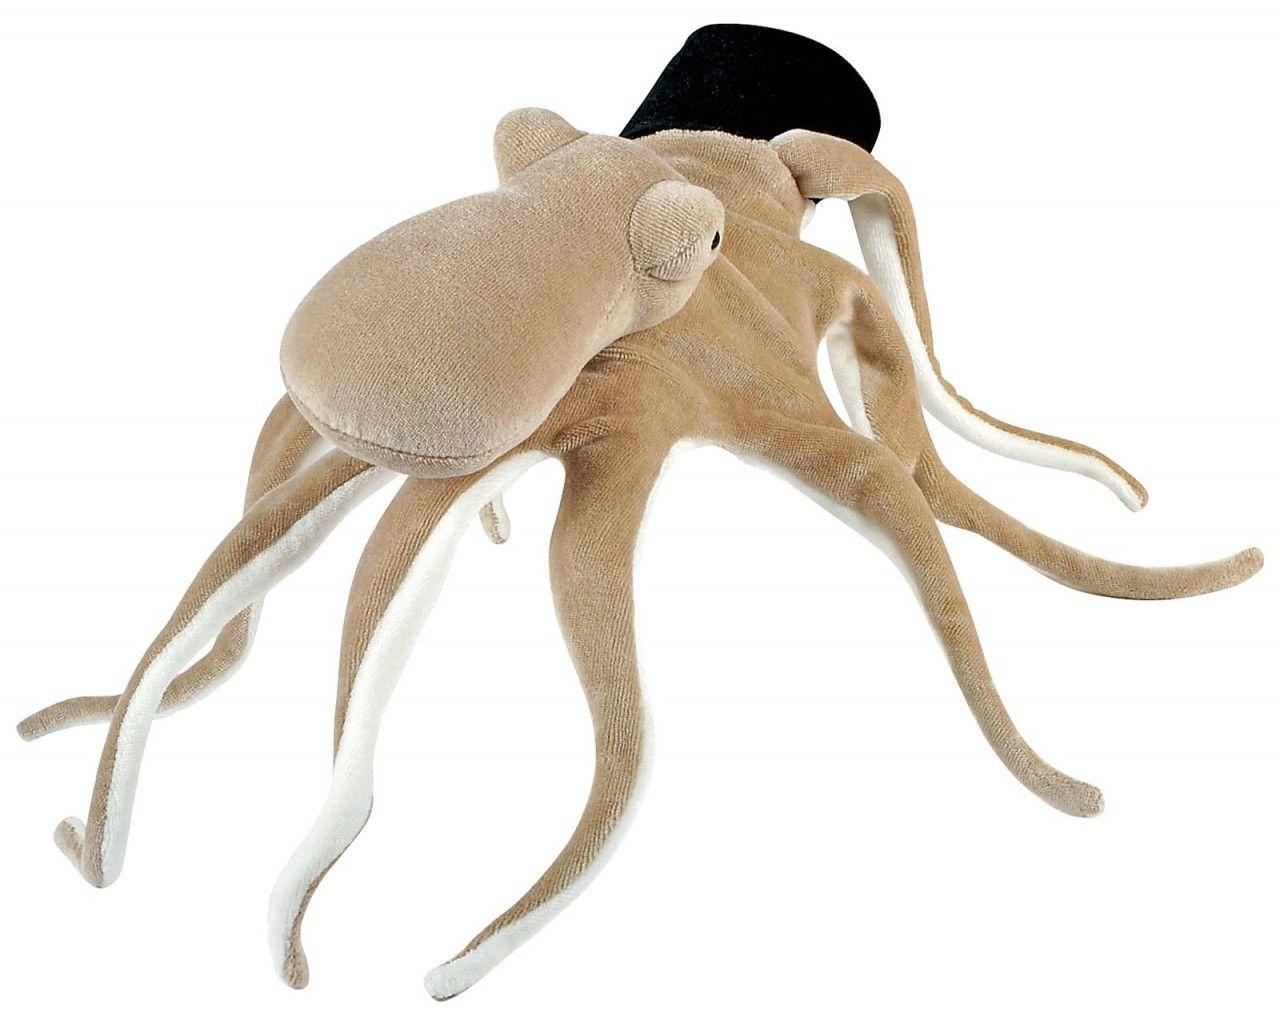 PuppetU.com - Beleduc Octopus Little Glove Puppet 10 inches, $8.74 (http://store.puppetu.com/beleduc-octopus-little-glove-puppet-10-inches/)